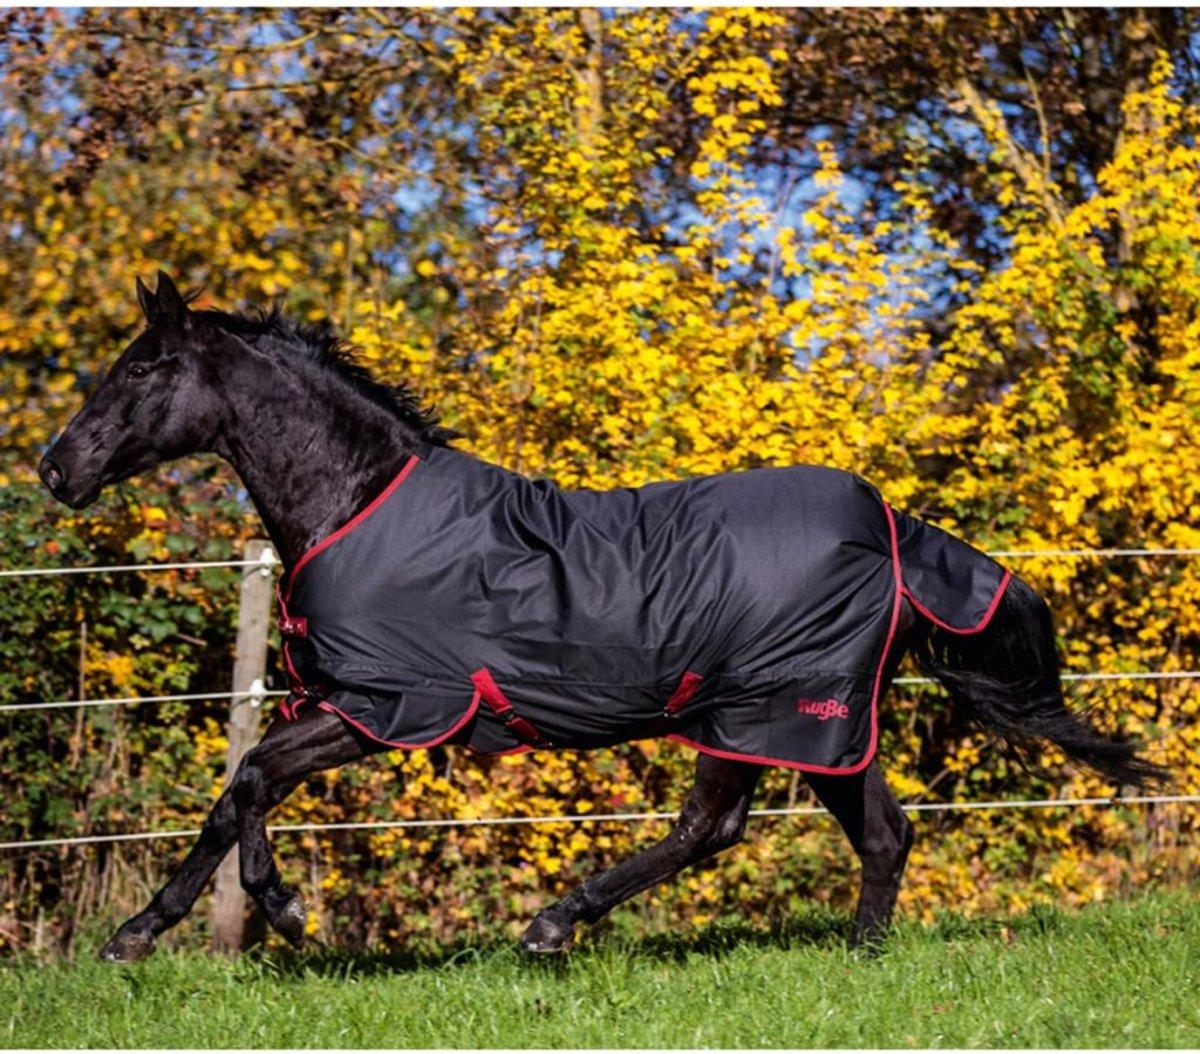 Kerbl Paardendeken Outdoor RugBe Zero 1 - Zwart/rood - 155 cm